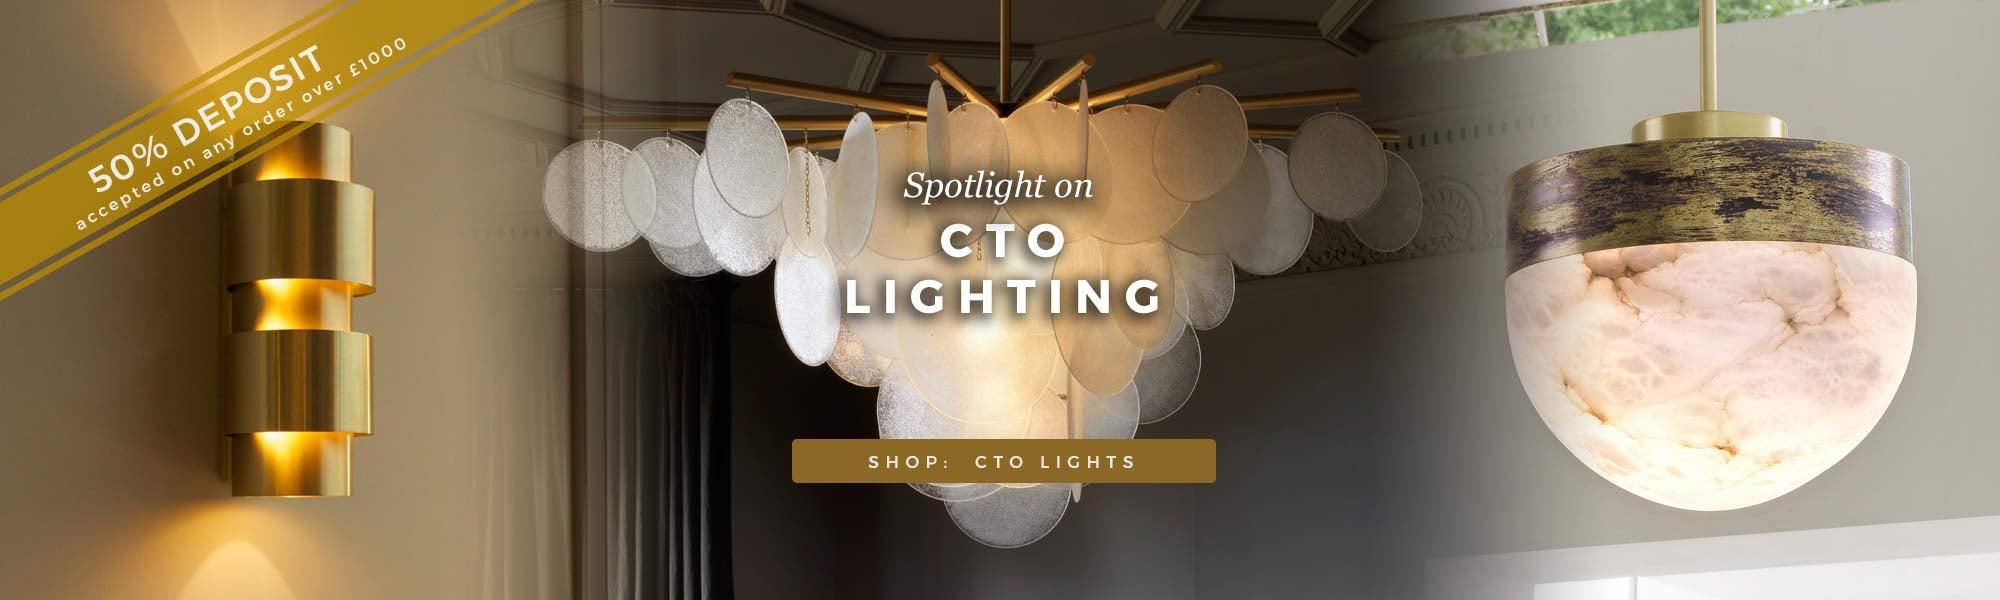 Spotlight on CTO Lighting